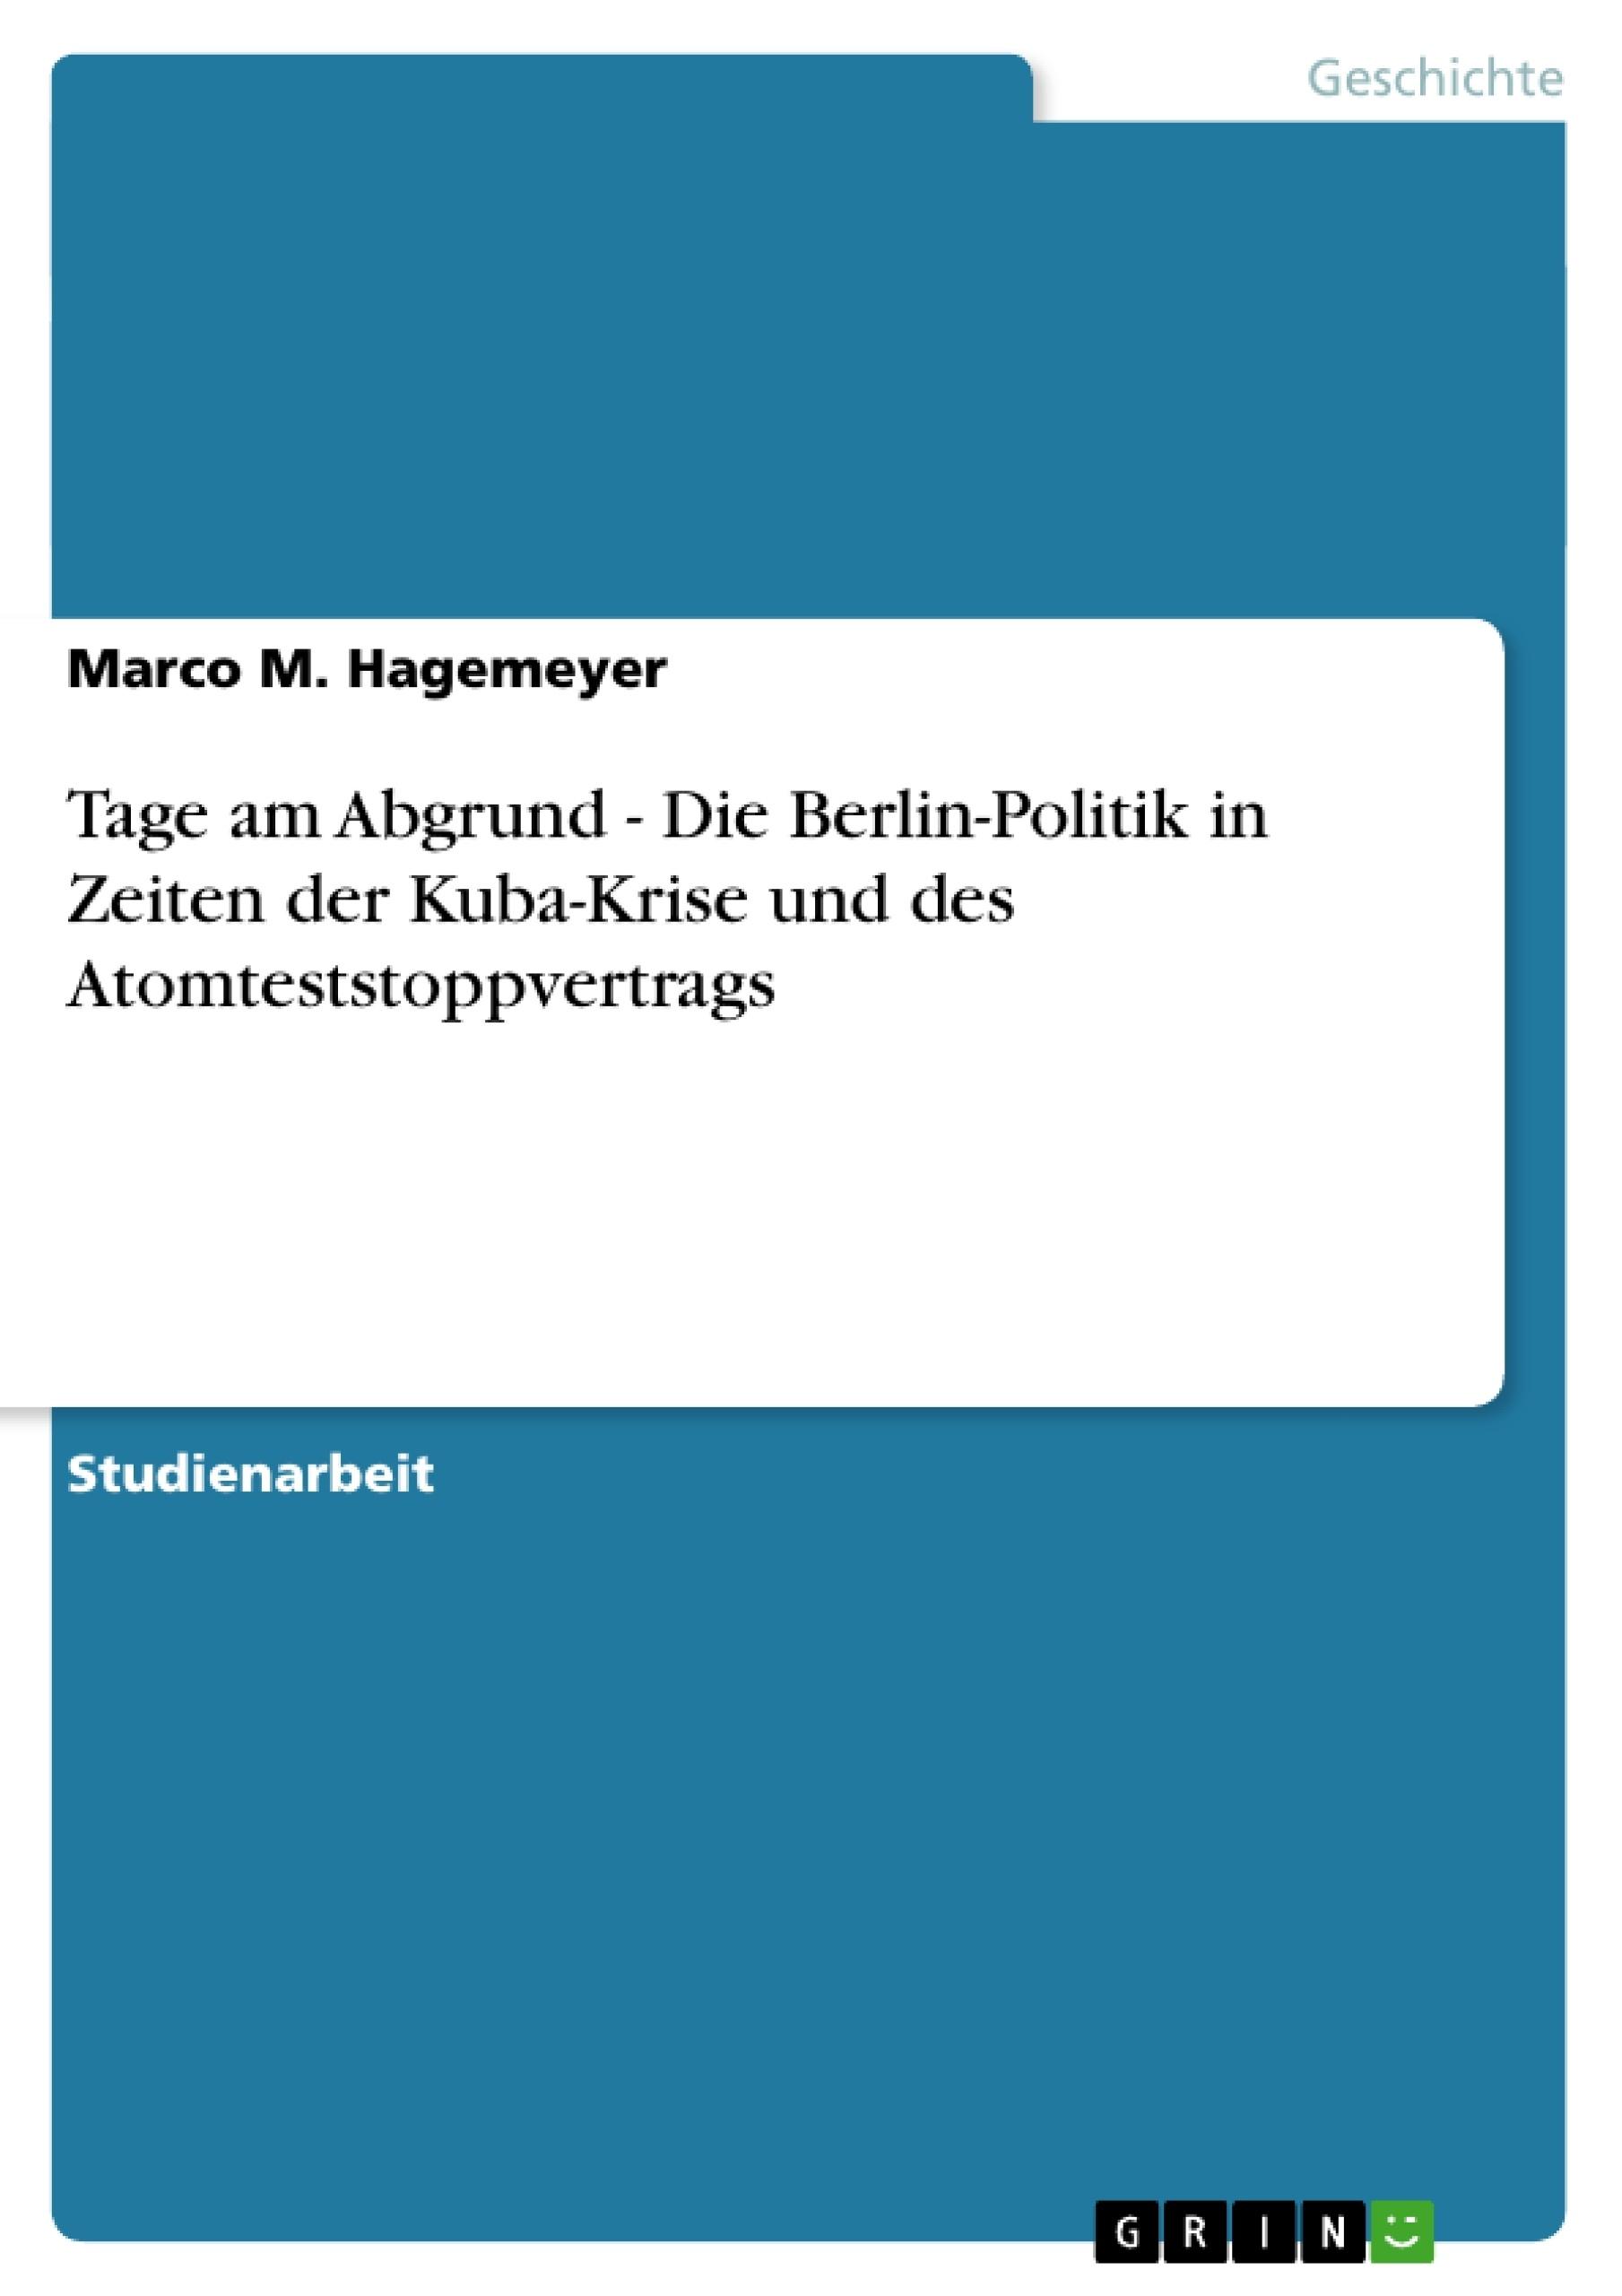 Titel: Tage am Abgrund - Die Berlin-Politik in Zeiten der Kuba-Krise und des Atomteststoppvertrags